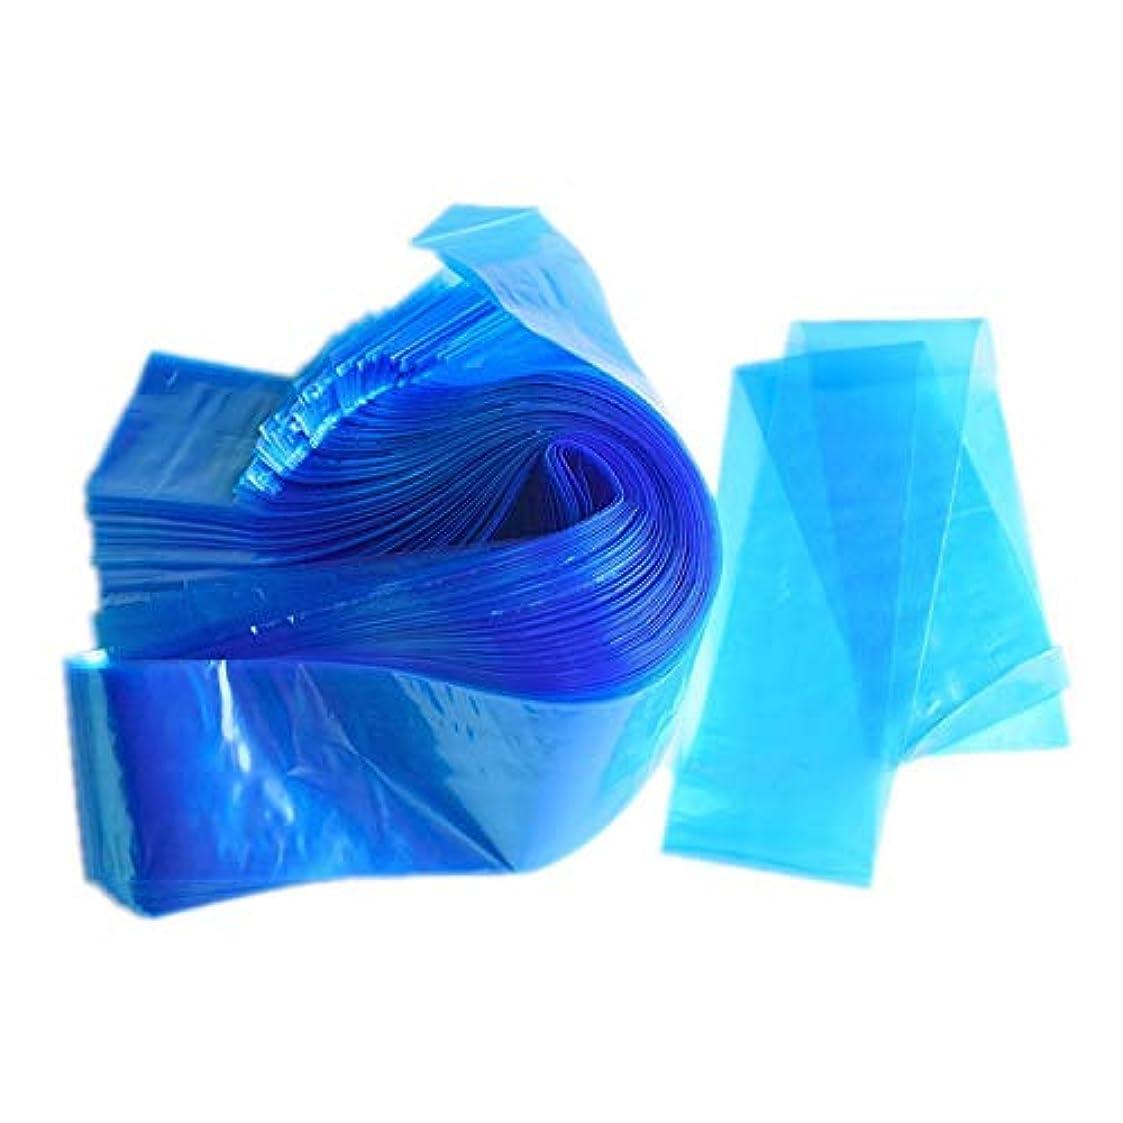 スタイルアカウントトリクルタトゥーマシンカバー、ゴシレ Gosear 100ピース頑丈な使い捨て衛生タトゥークリップコードスリーブカバーバッグ用タトゥーマシンアクセサリー